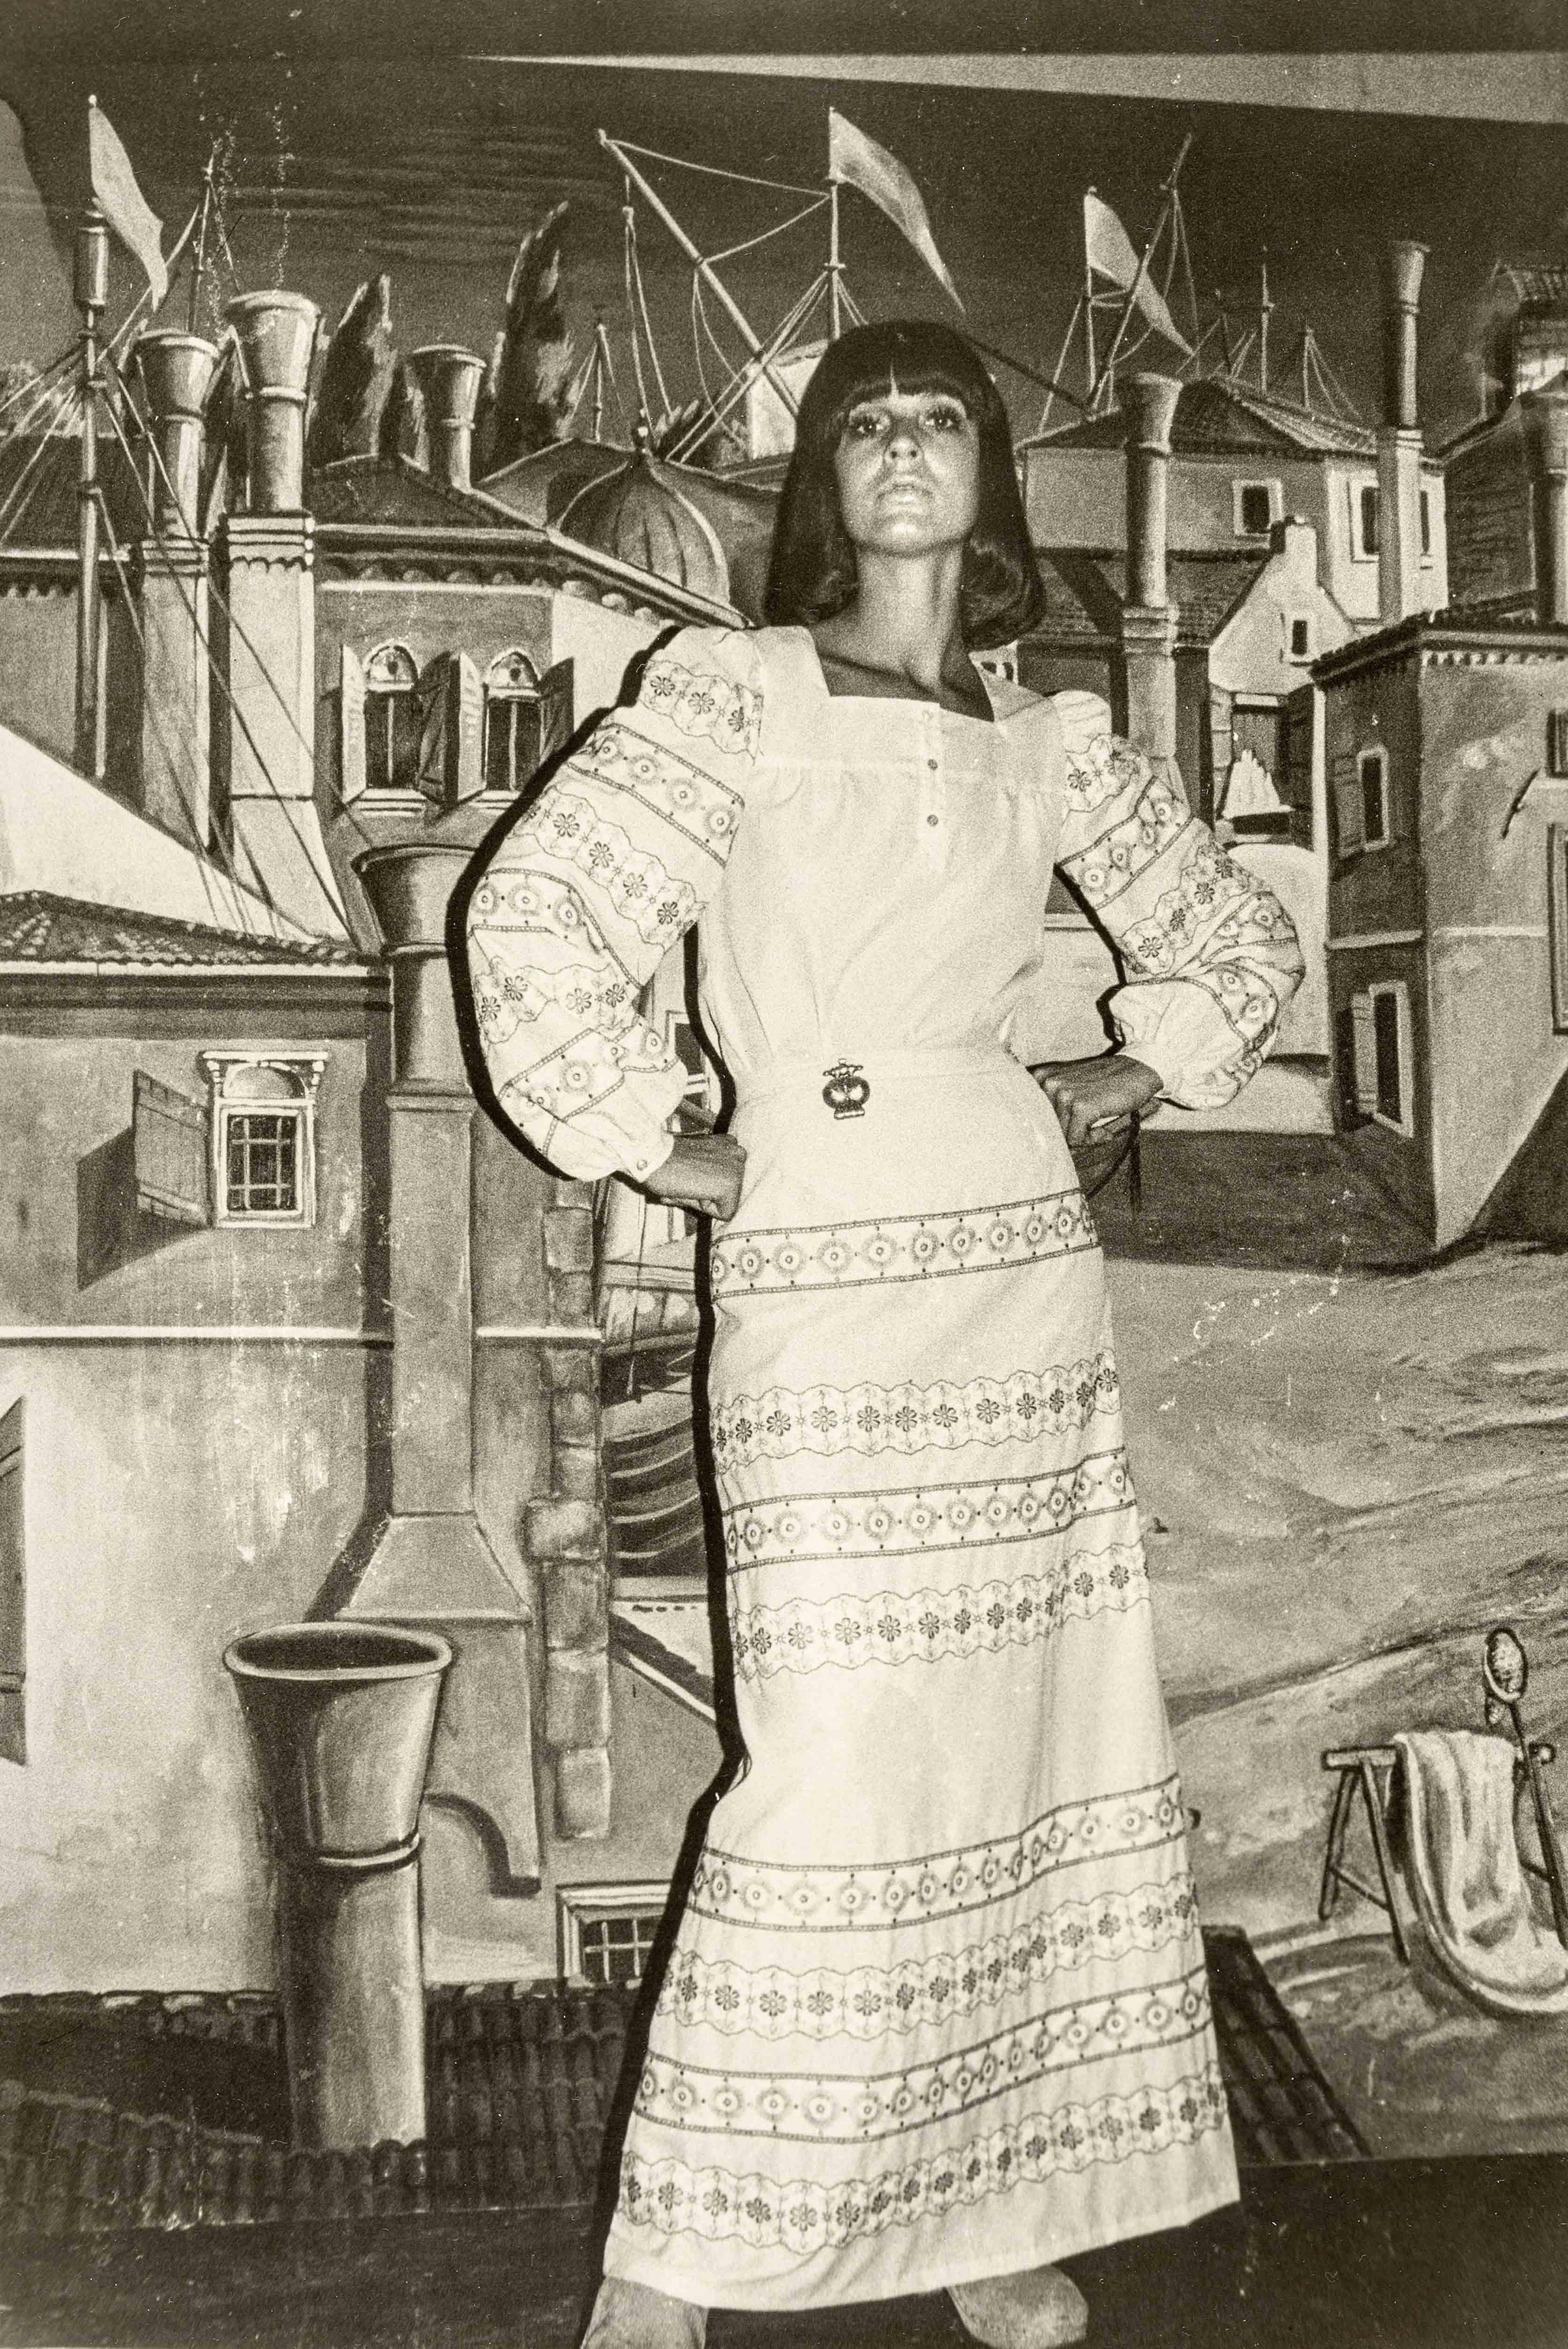 Full-length shirt dress | vintage print | 11,6 x 8,9 in | model design: Eva Mücke, production: Helga Perkuhn | 'Sibylle', issue 6, 1973 Galerie Berinson, Berlin